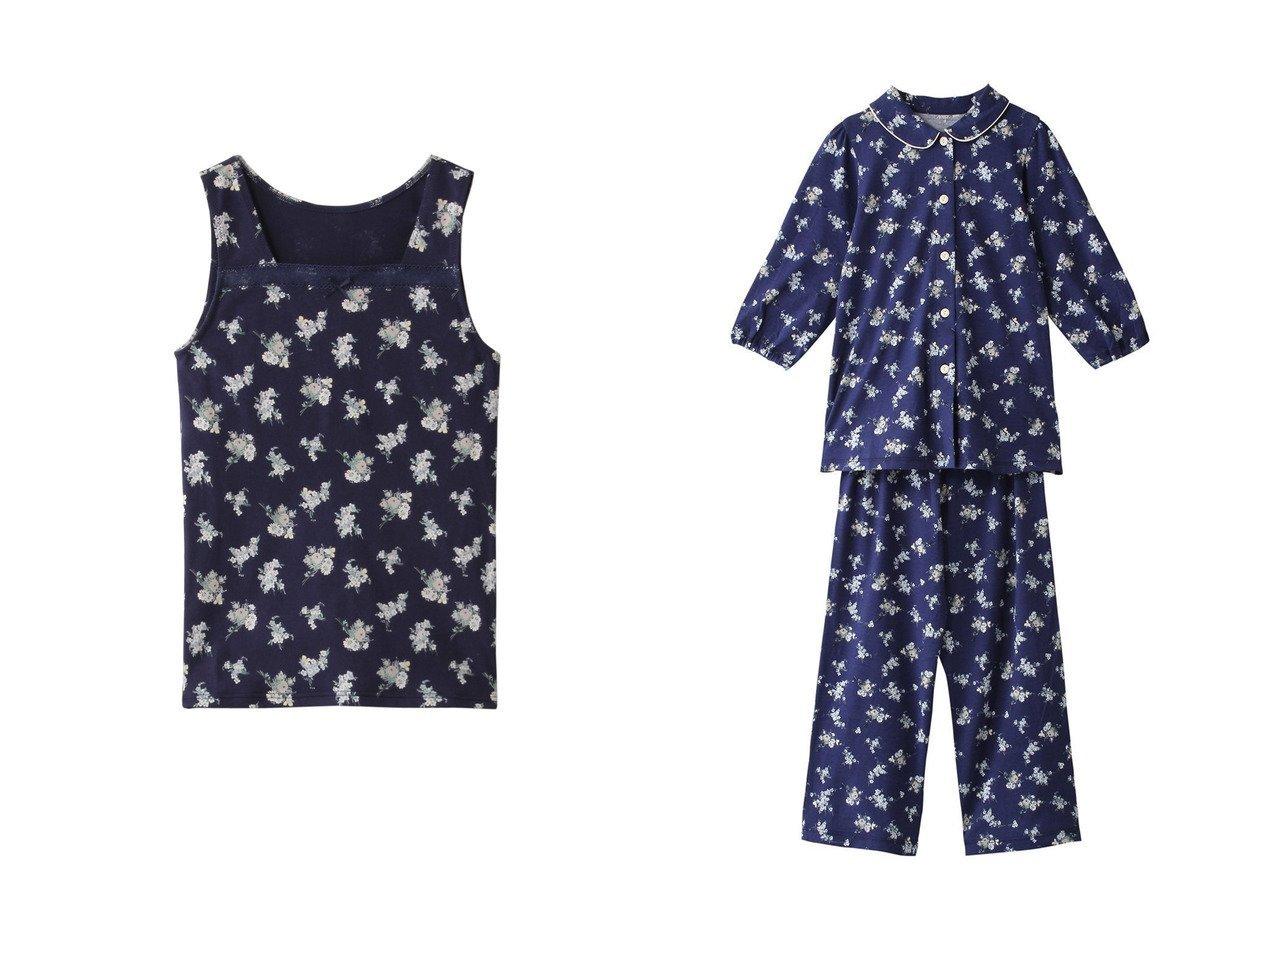 【KID BLUE / KIDS/キッドブルー】の【KIDS】ライラックブーケキャミソール&【KIDS】ライラックブーケN(STAR)パジャマ 【KIDS】子供服のおすすめ!人気トレンド・キッズファッションの通販  おすすめで人気の流行・トレンド、ファッションの通販商品 メンズファッション・キッズファッション・インテリア・家具・レディースファッション・服の通販 founy(ファニー) https://founy.com/ ファッション Fashion キッズファッション KIDS トップス・カットソー Tops/Tees/Kids インナー キャミソール フラワー リボン レース ドット パイピング パジャマ 定番 Standard |ID:crp329100000032581